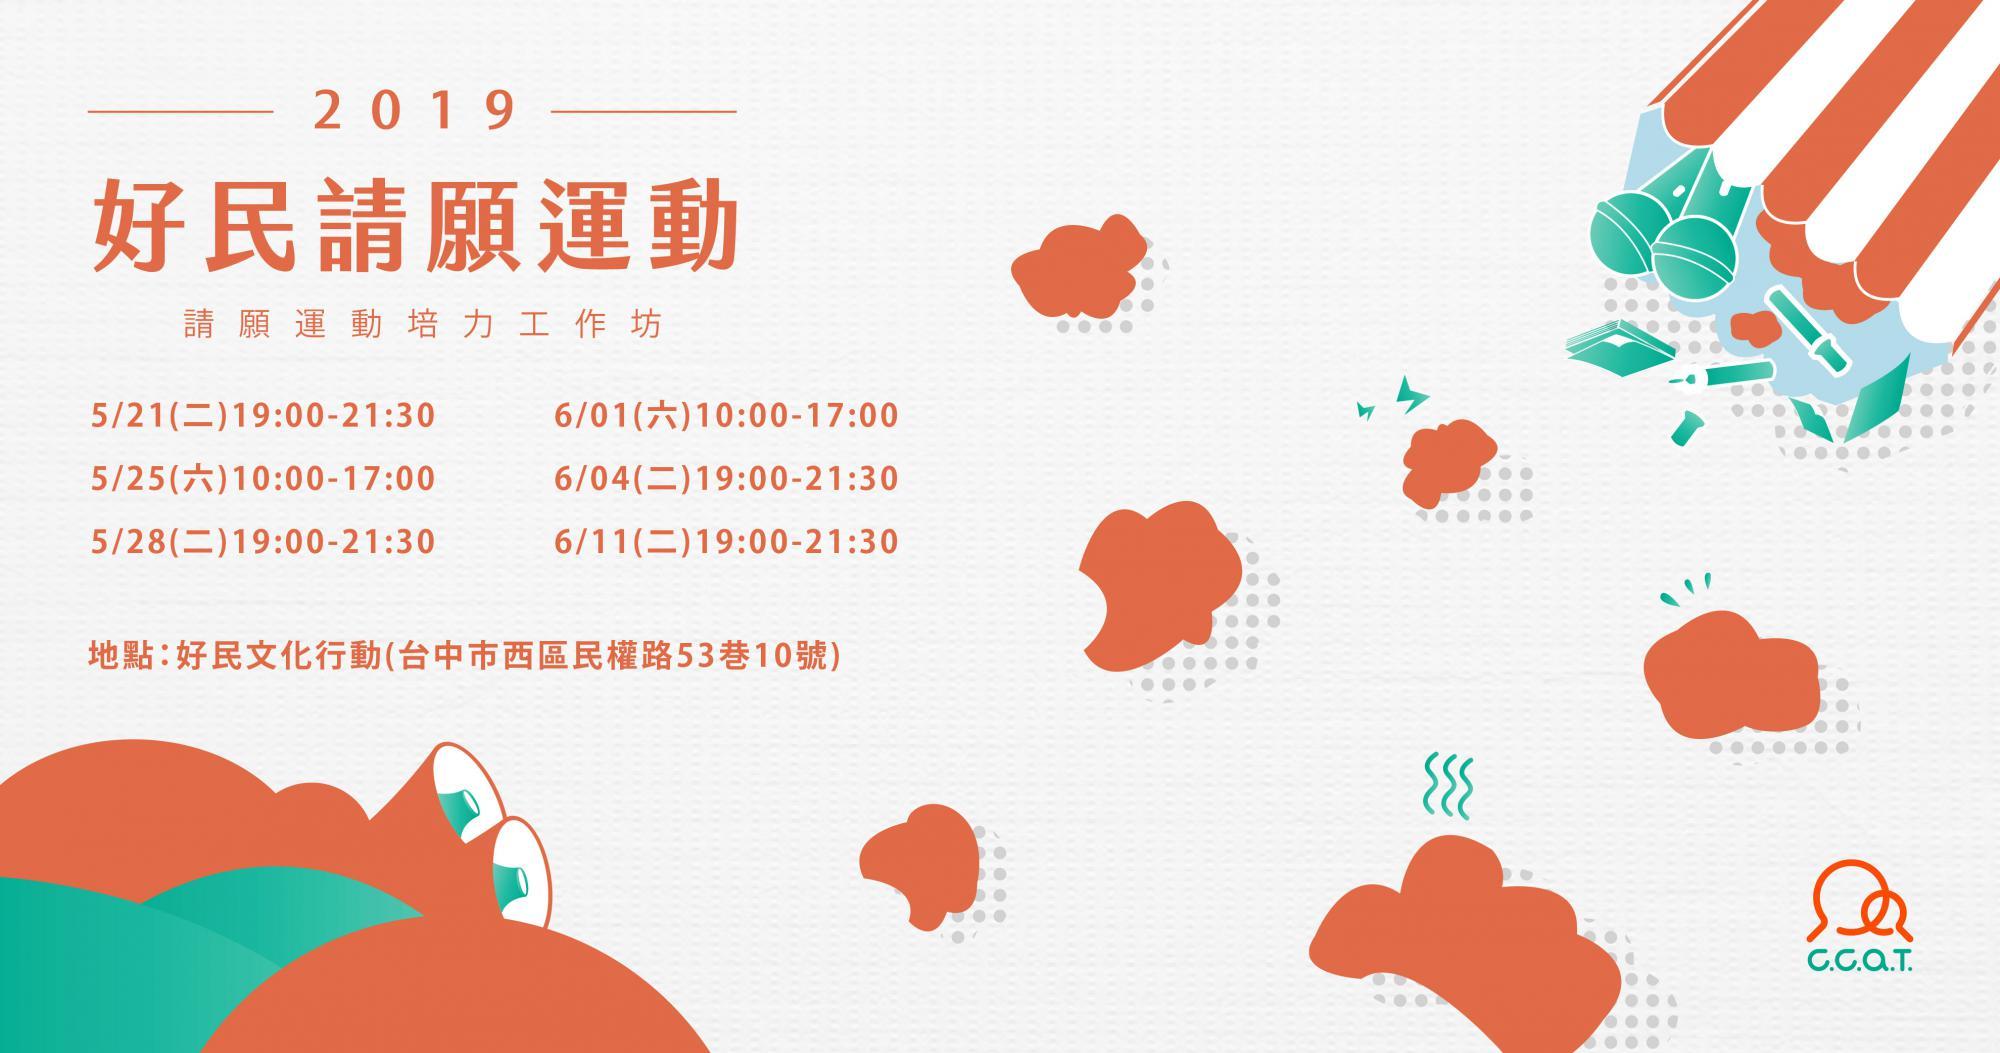 【好民請願運動】2019請願運動培力工作坊 - 好民文化行動協會